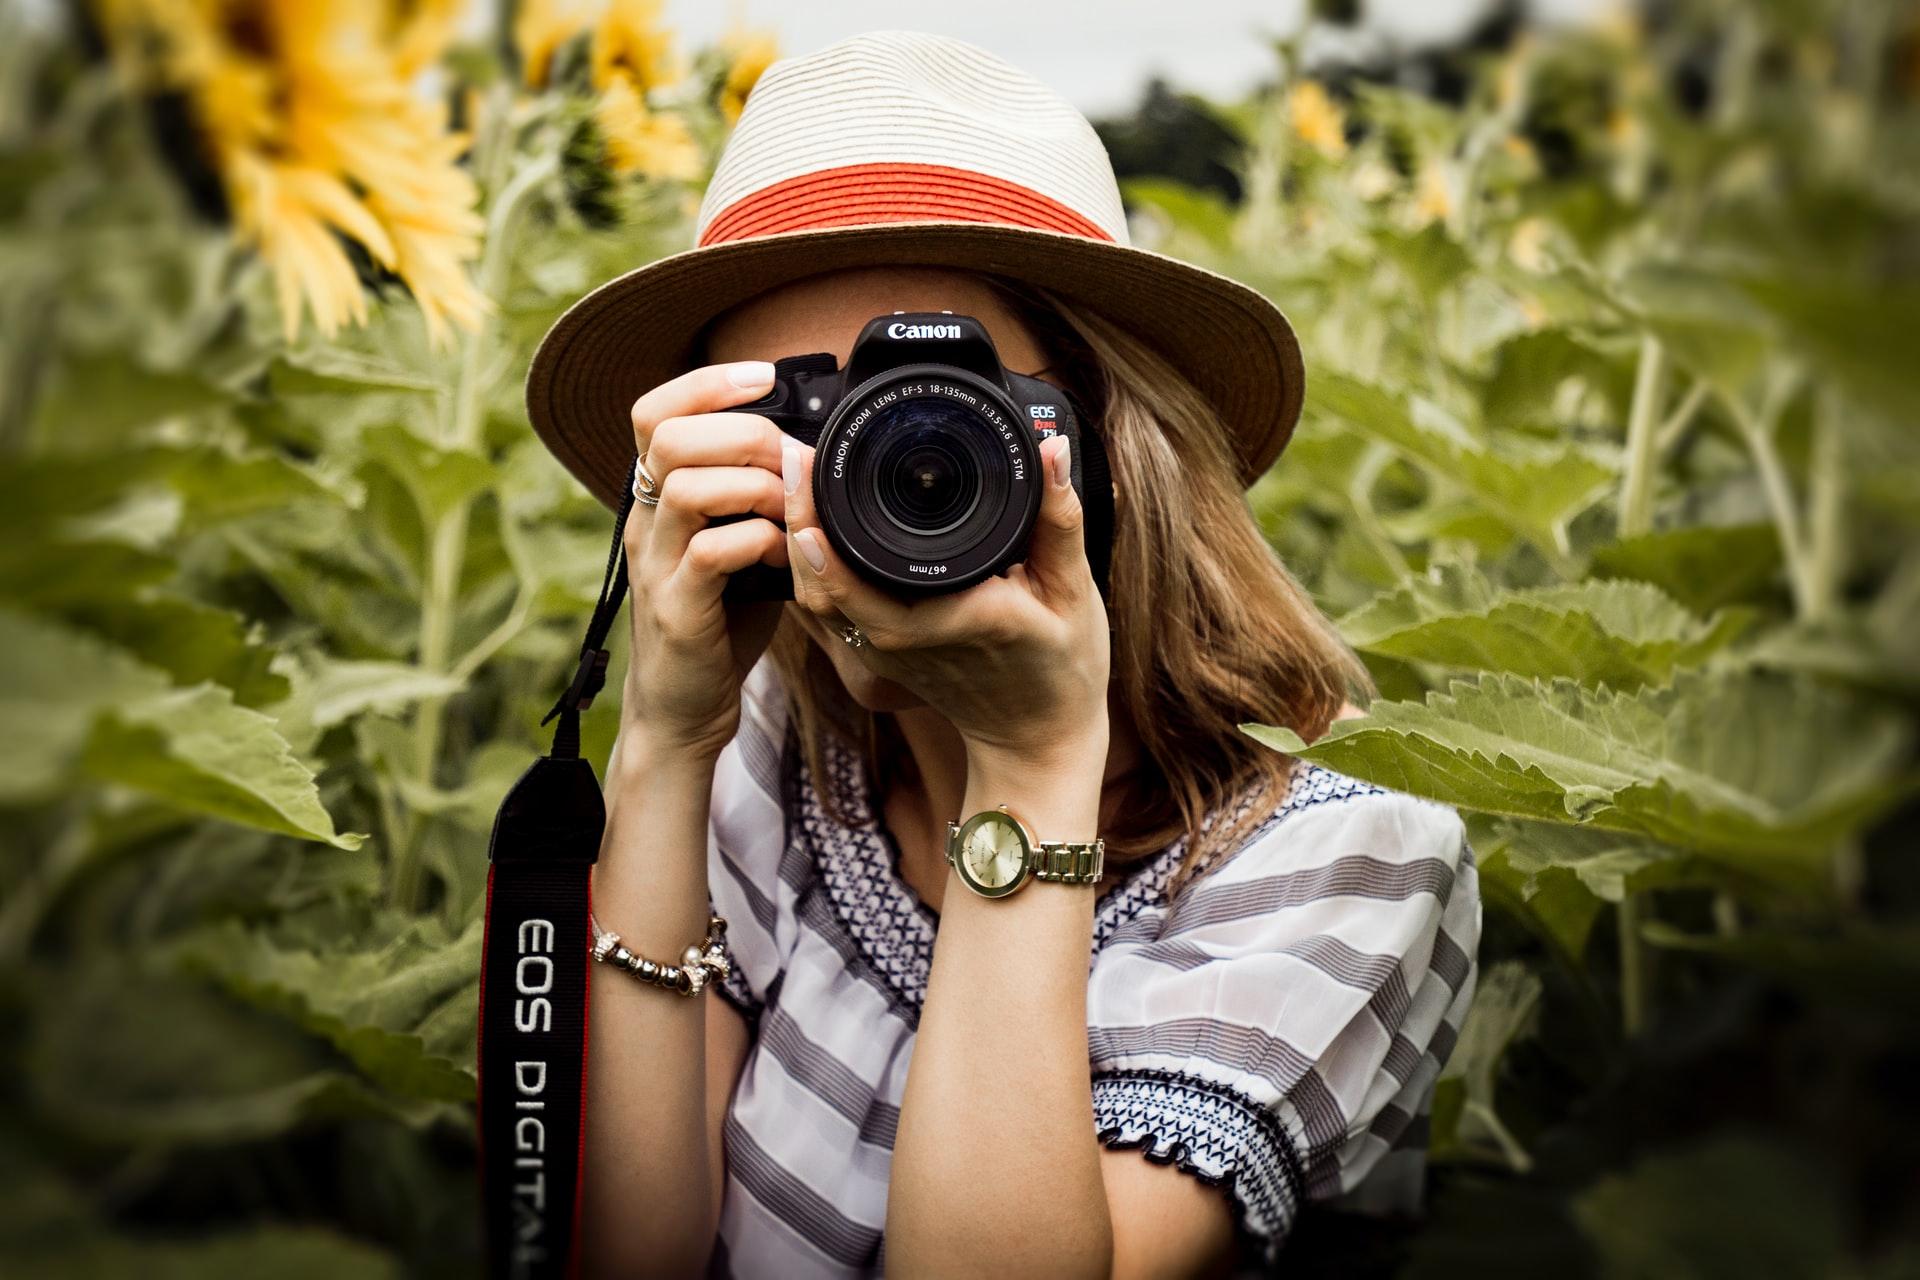 Encontre fotos incríveis de graça para os seus blog posts